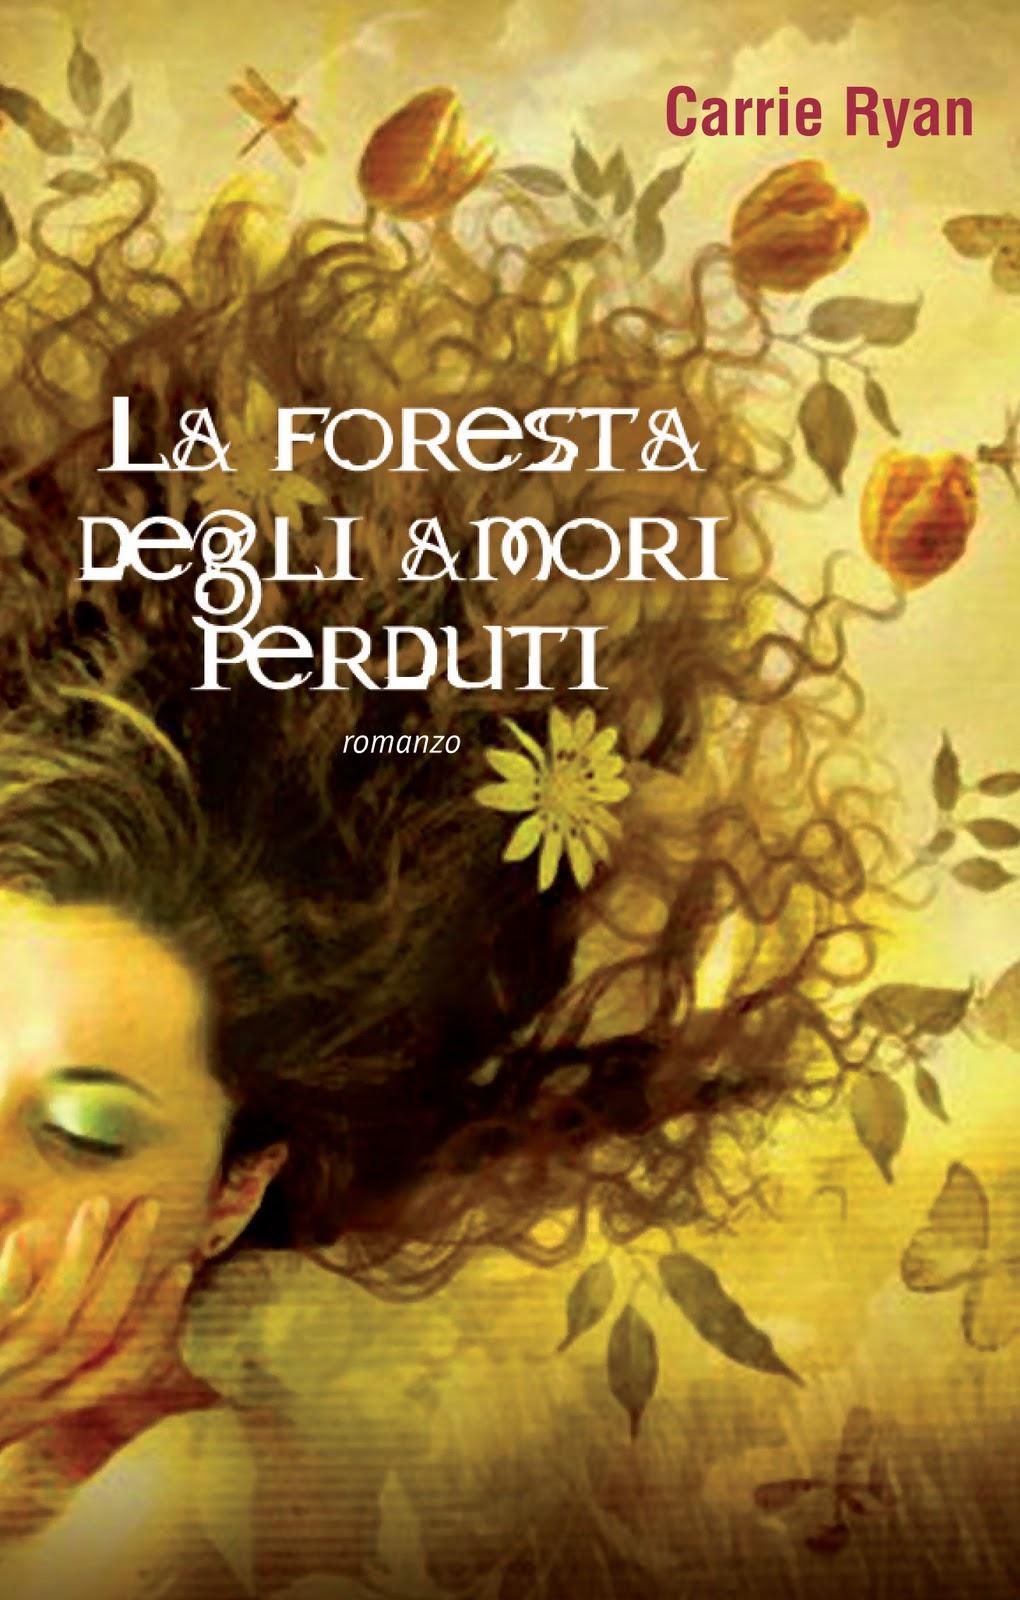 More about La foresta degli amori perduti